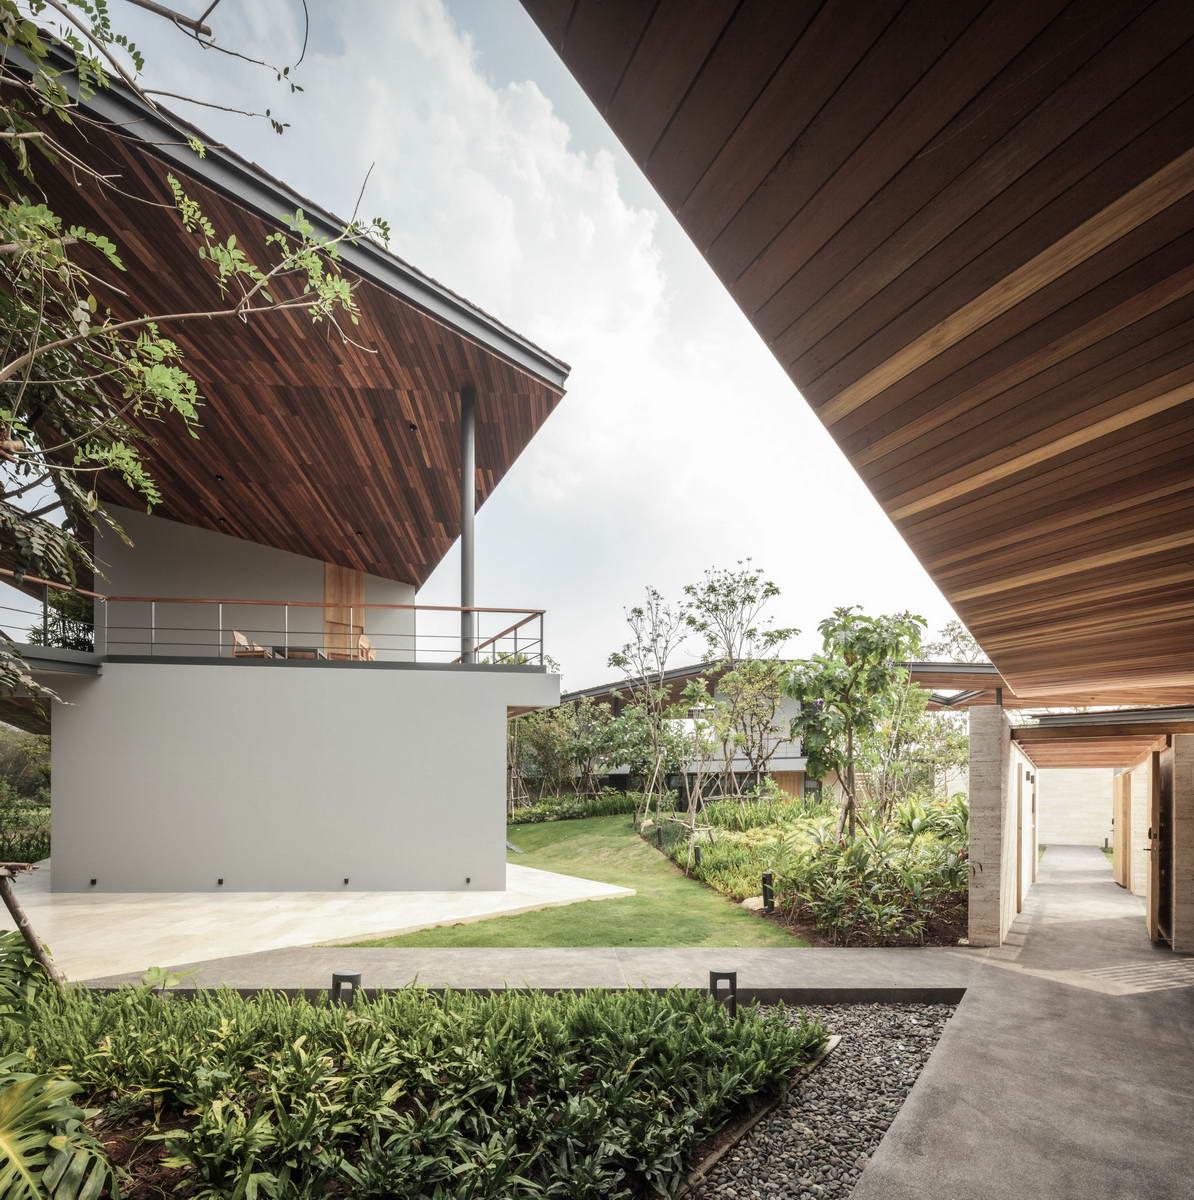 Загородный дом по фэн-шуй в Таиланде